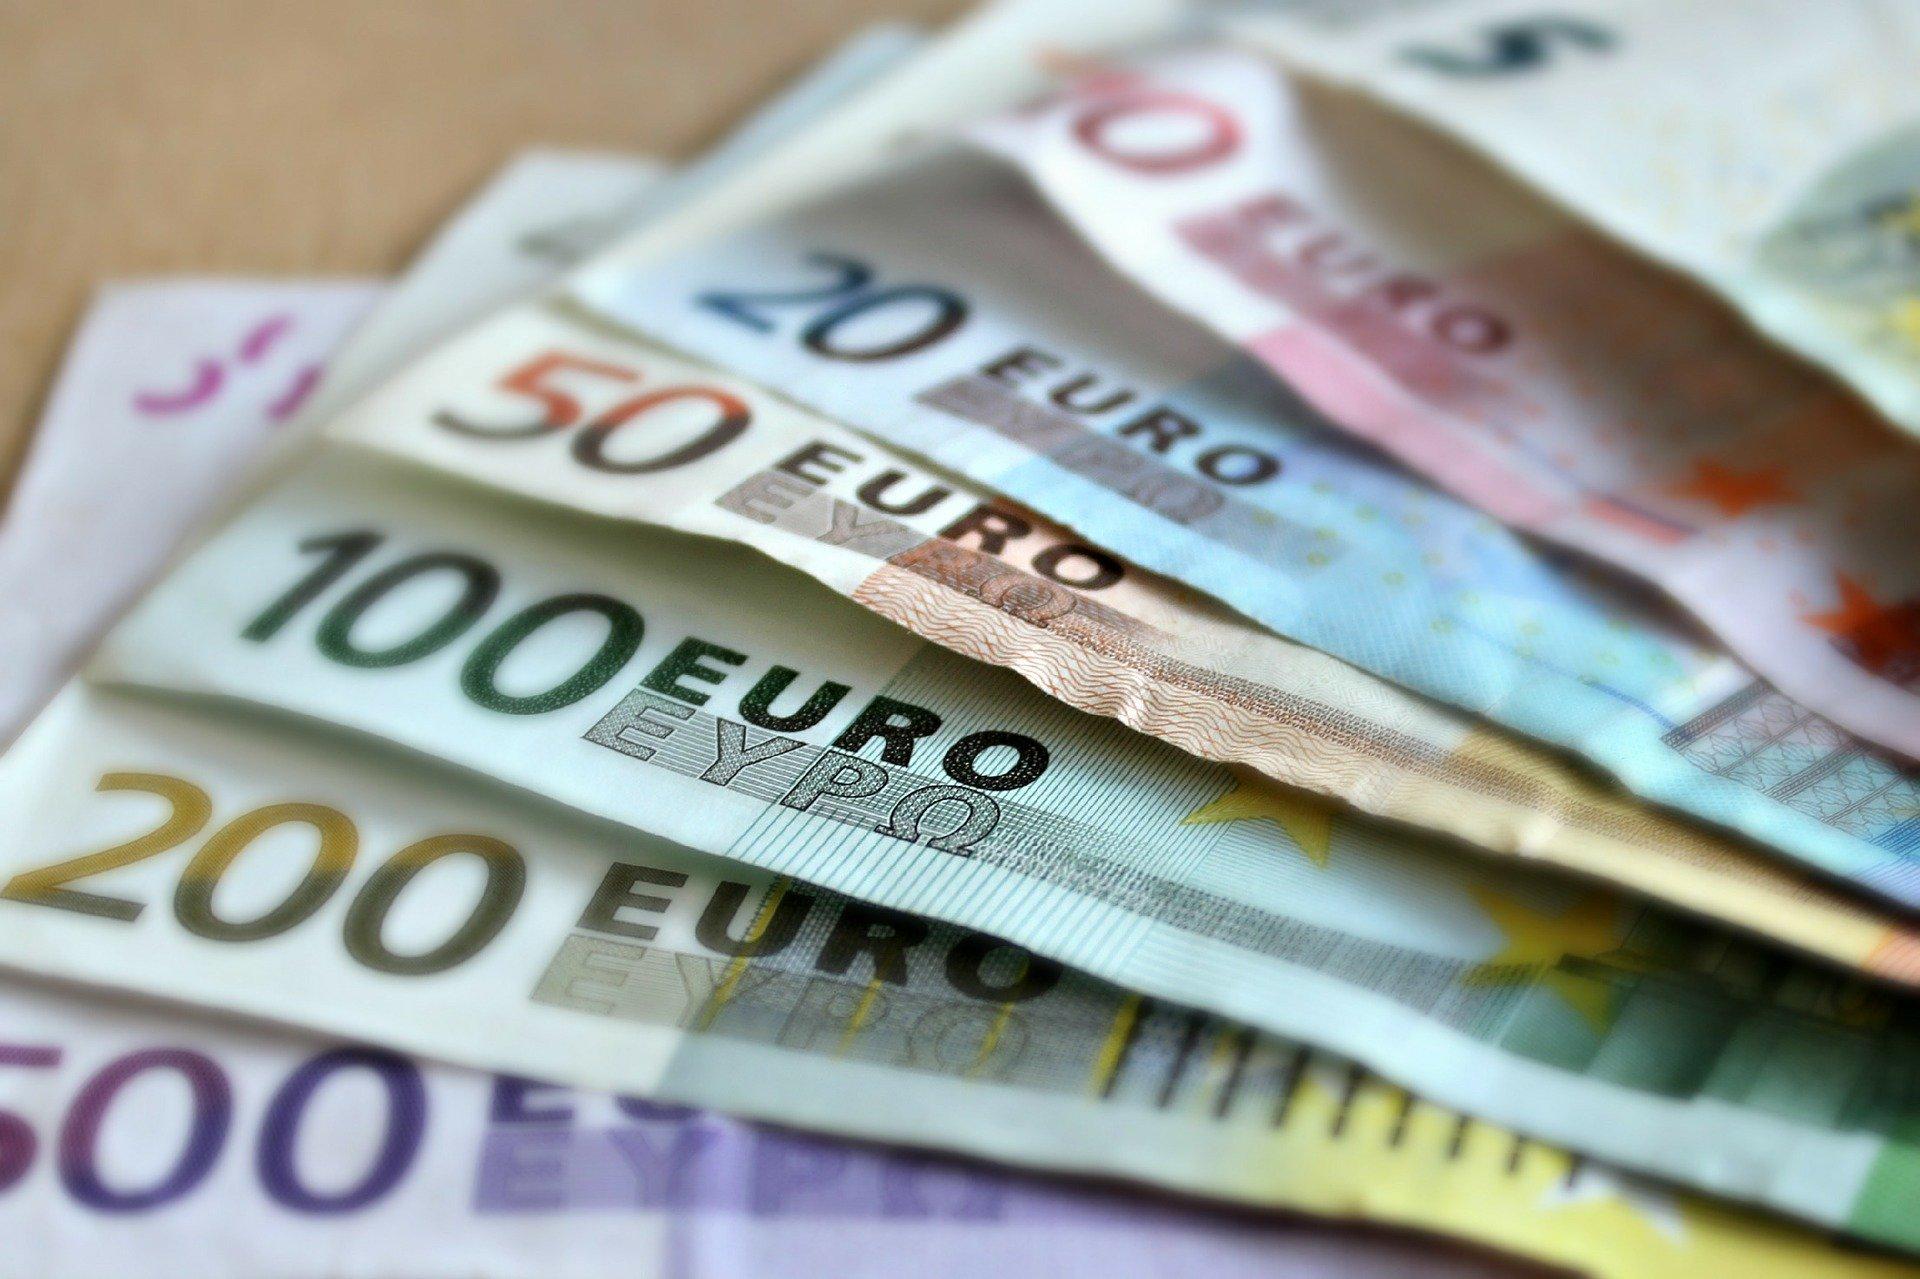 Superávit comercial da zona do euro cai para 2,9 bilhões de euros em abril